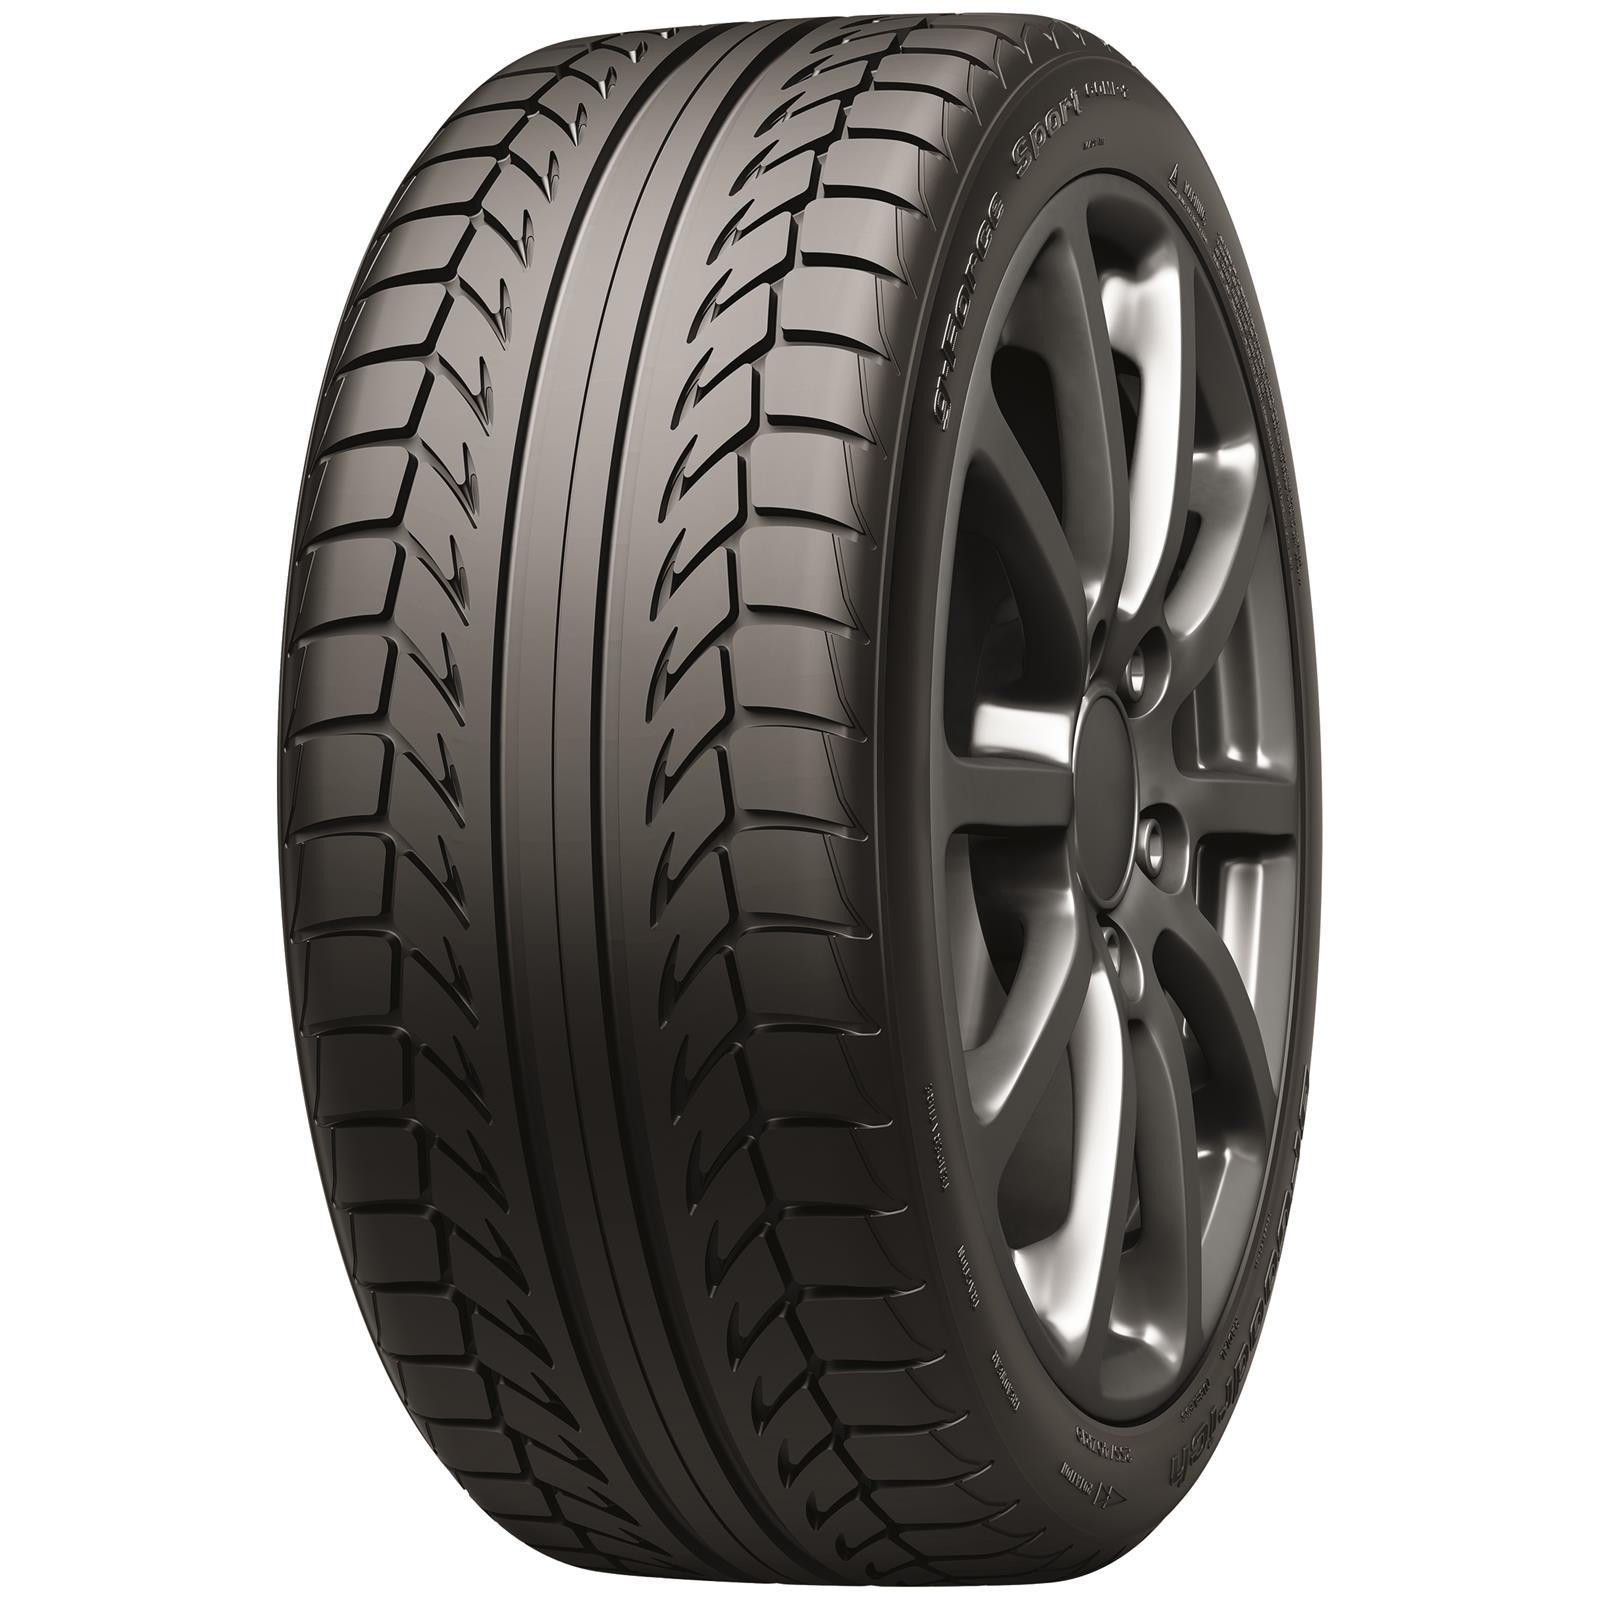 pair 2 bfgoodrich g force sport comp 2 tires 235 45 17 radial 41420 ebay. Black Bedroom Furniture Sets. Home Design Ideas